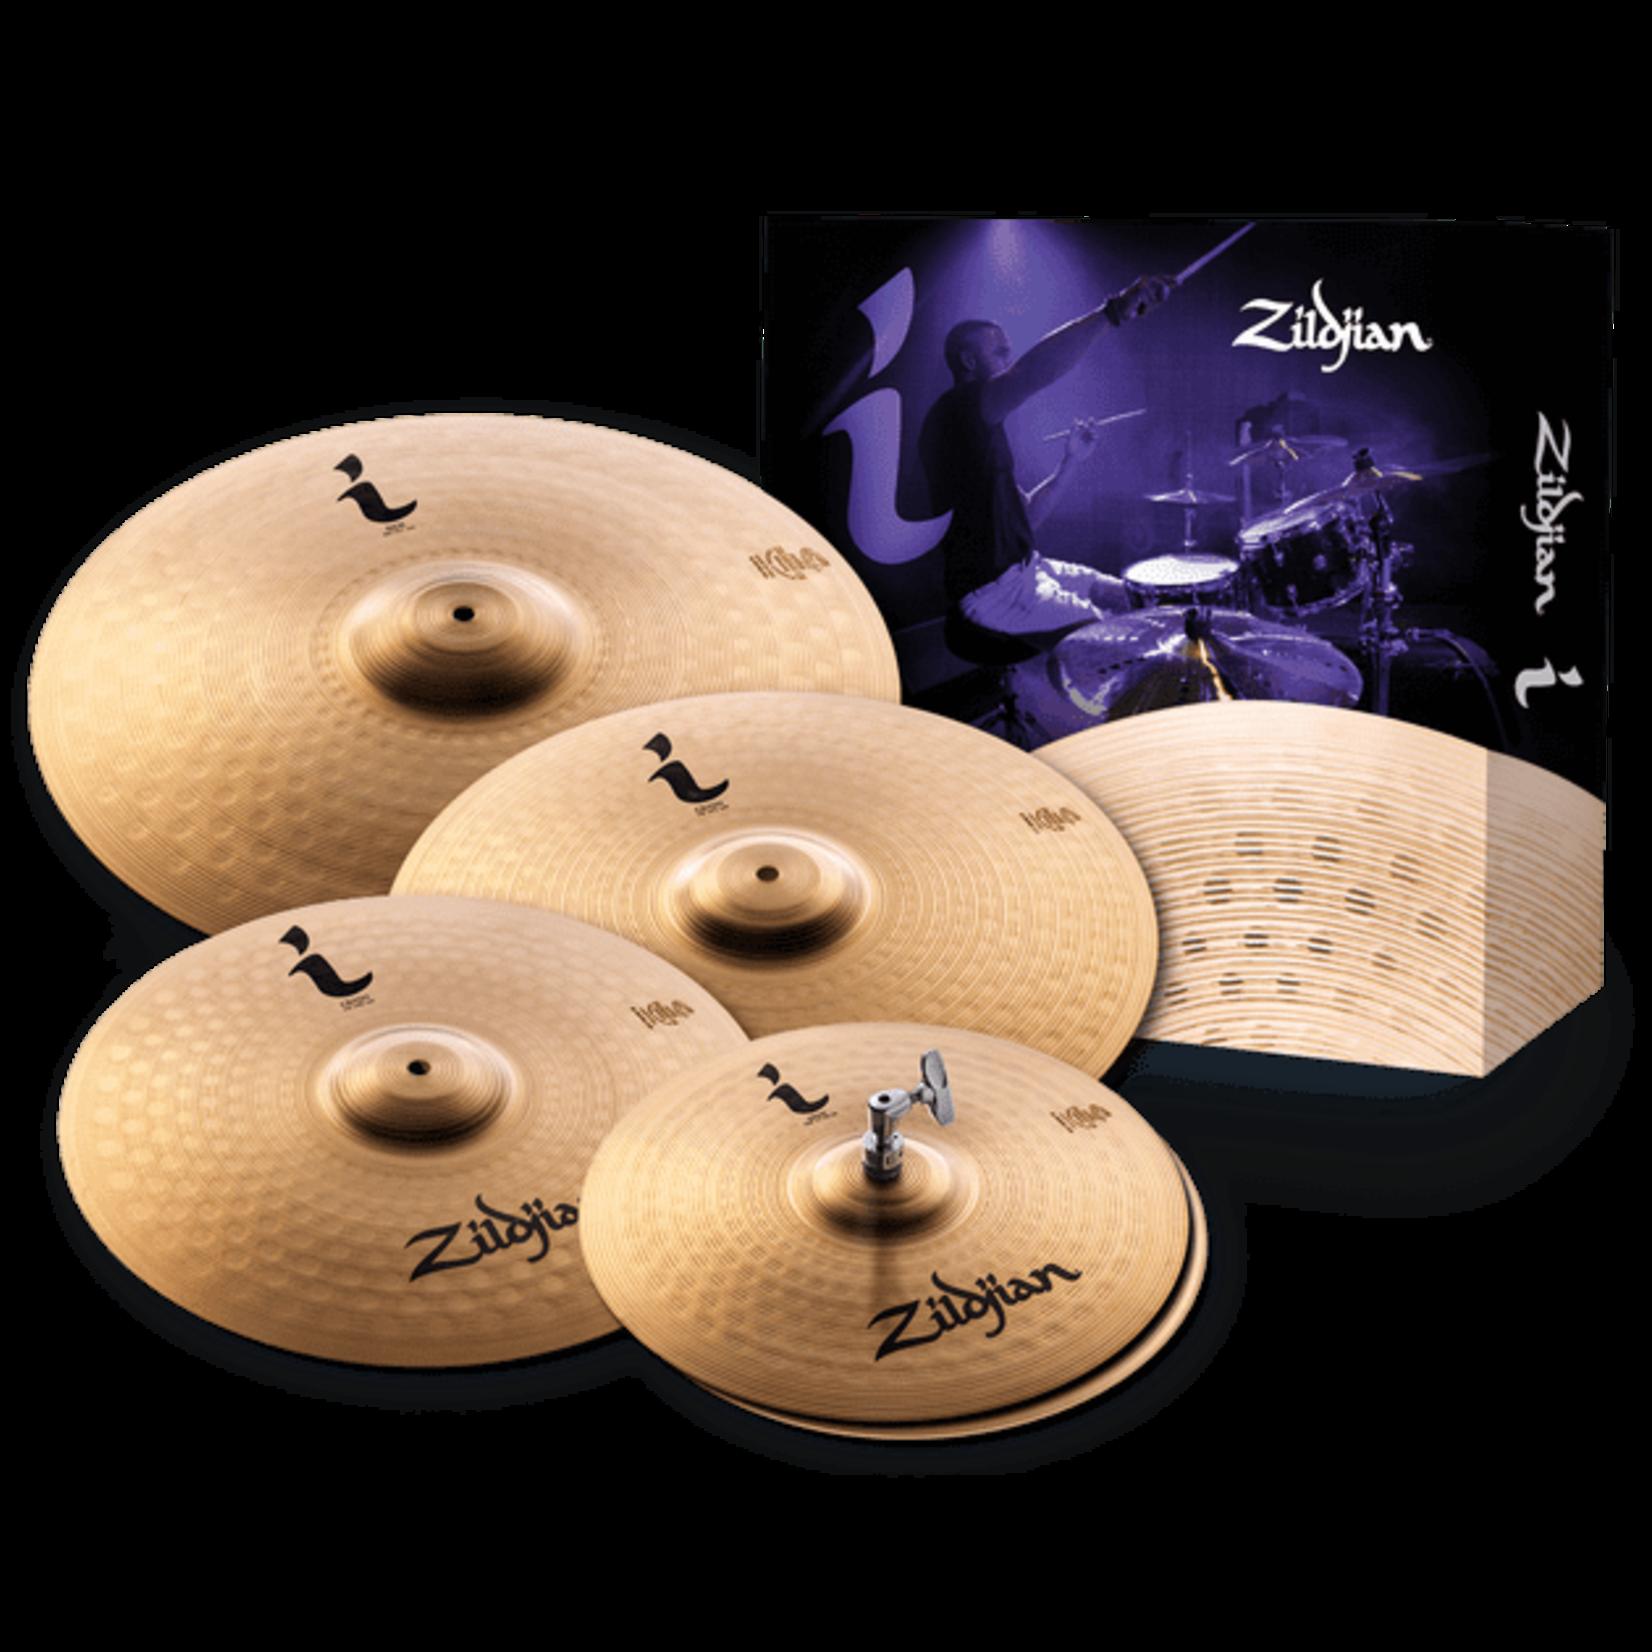 Zildjian Zildjian I Pro Gig Cymbal Pack